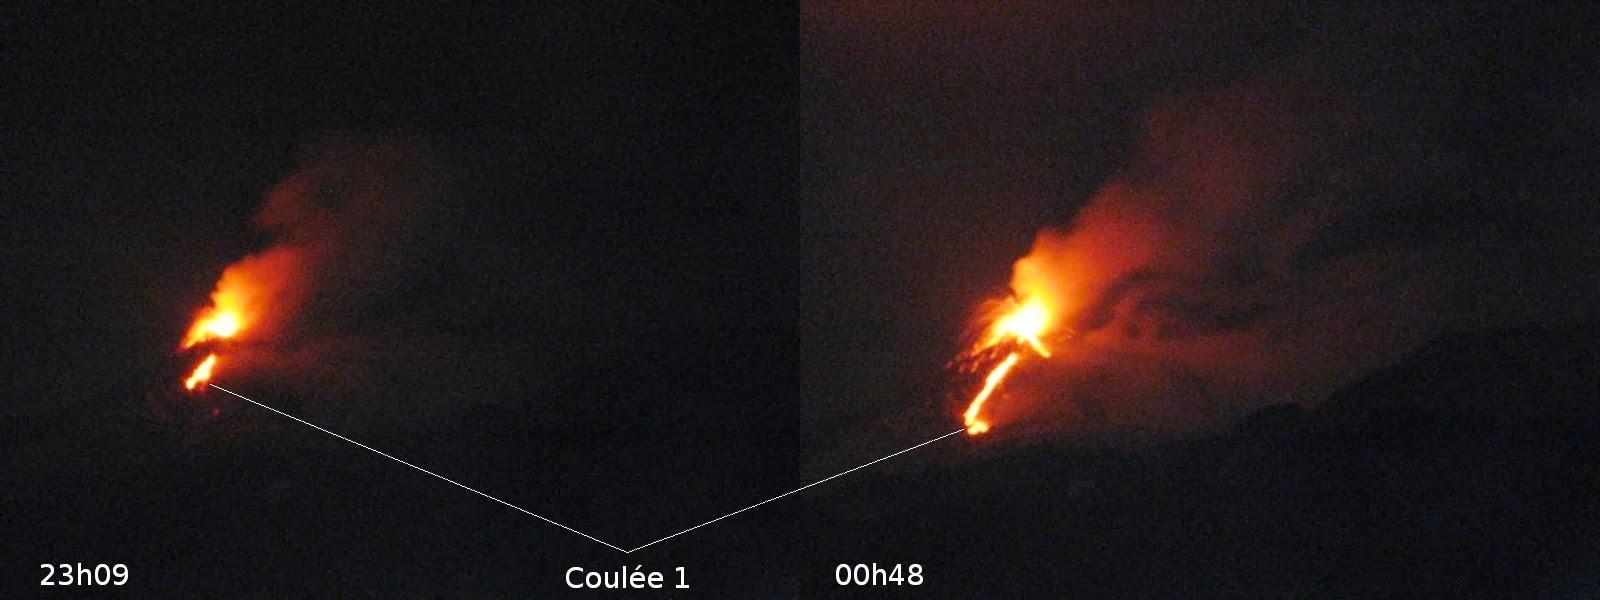 Coulées du 21eme paroxysme du volcan Etna, étape 1